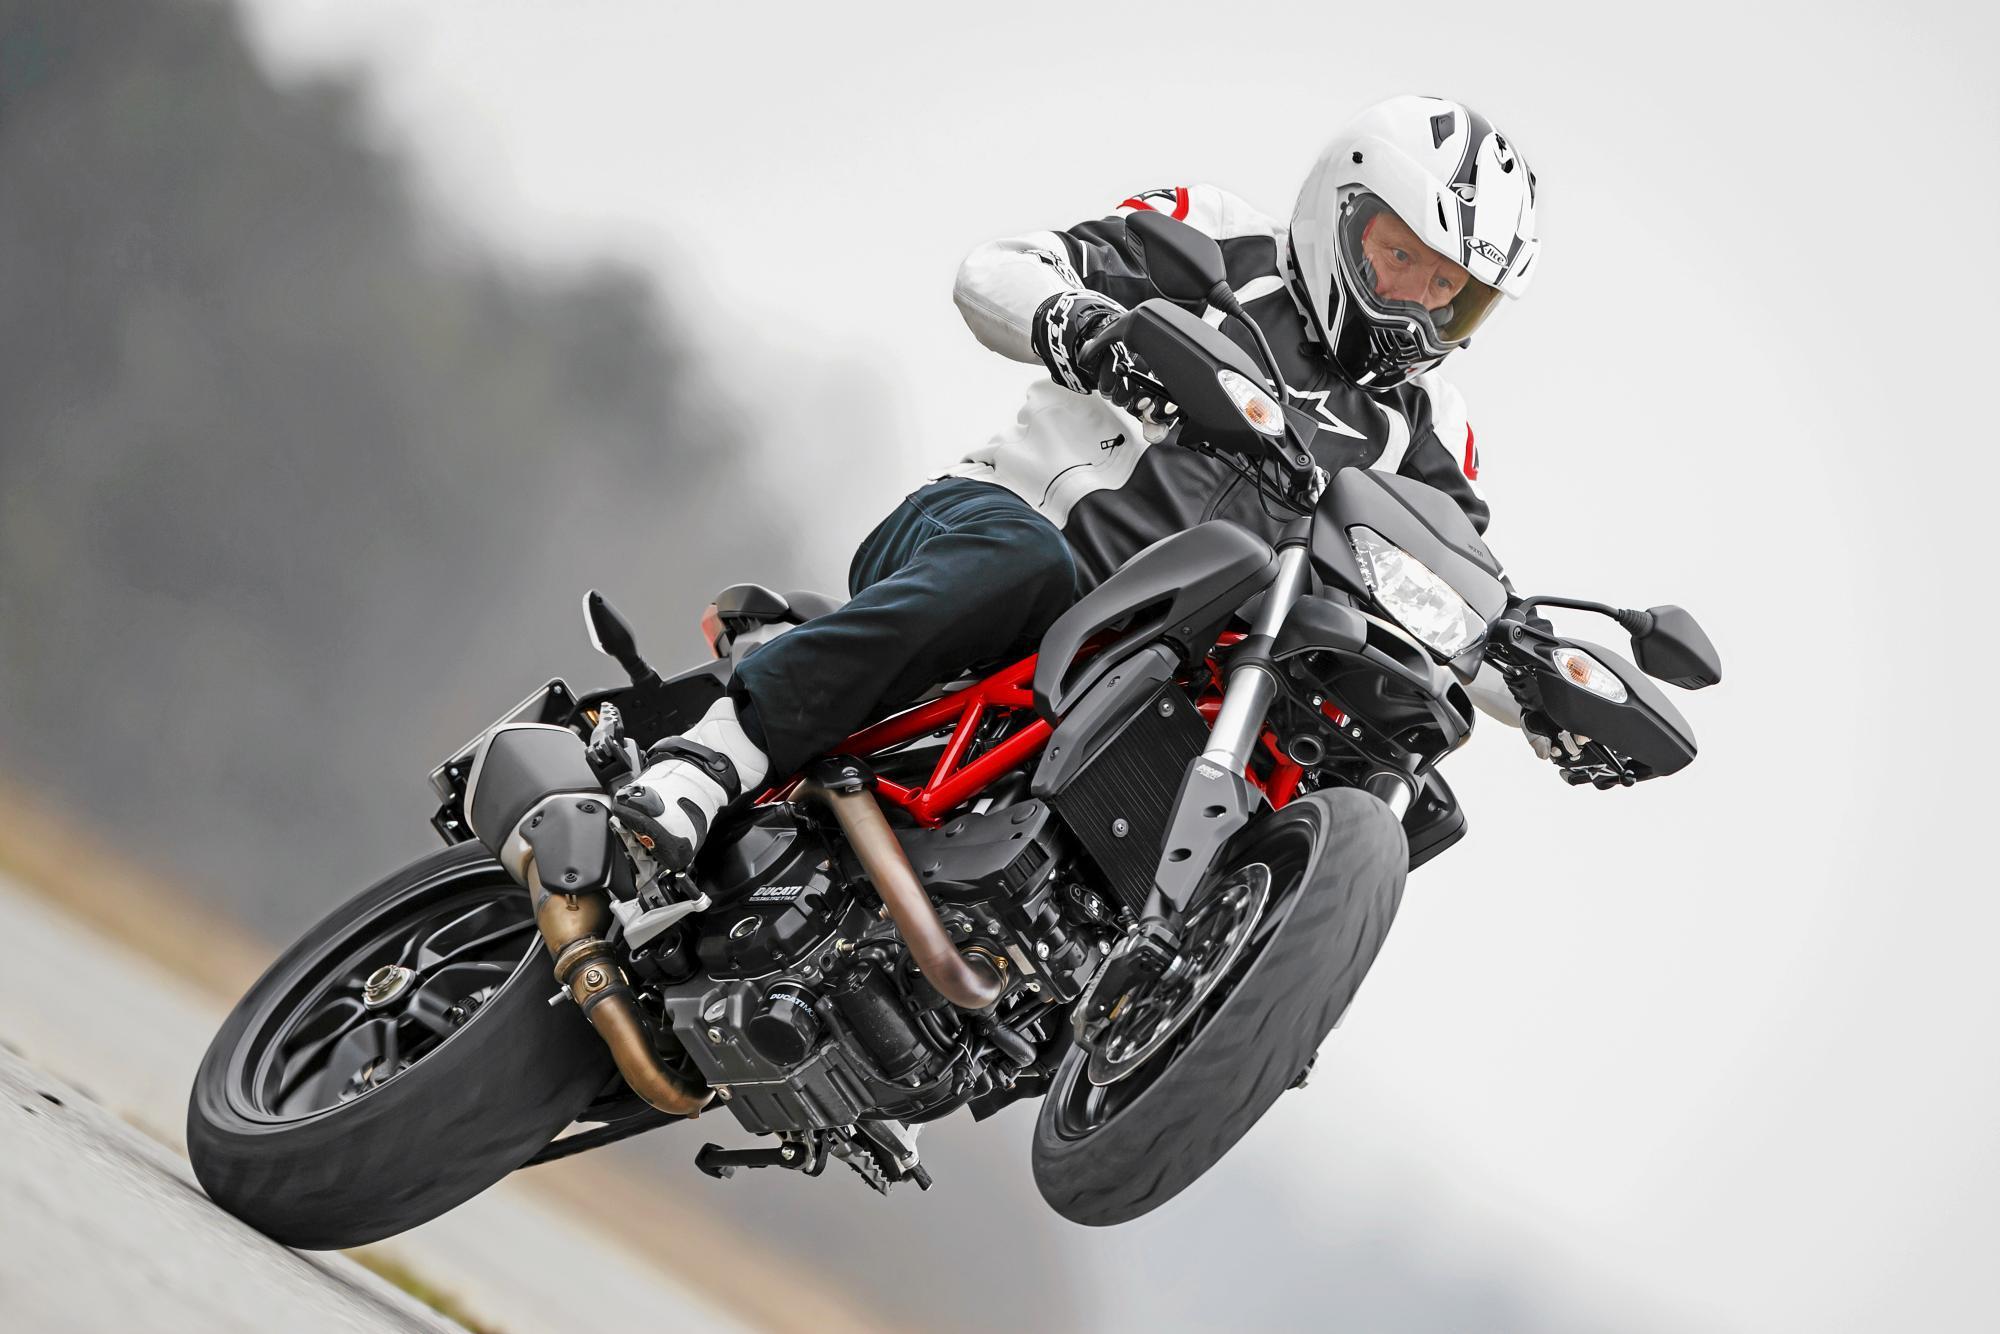 Die neue Ducati Hypermotard eignet sich bestens für Wheelies